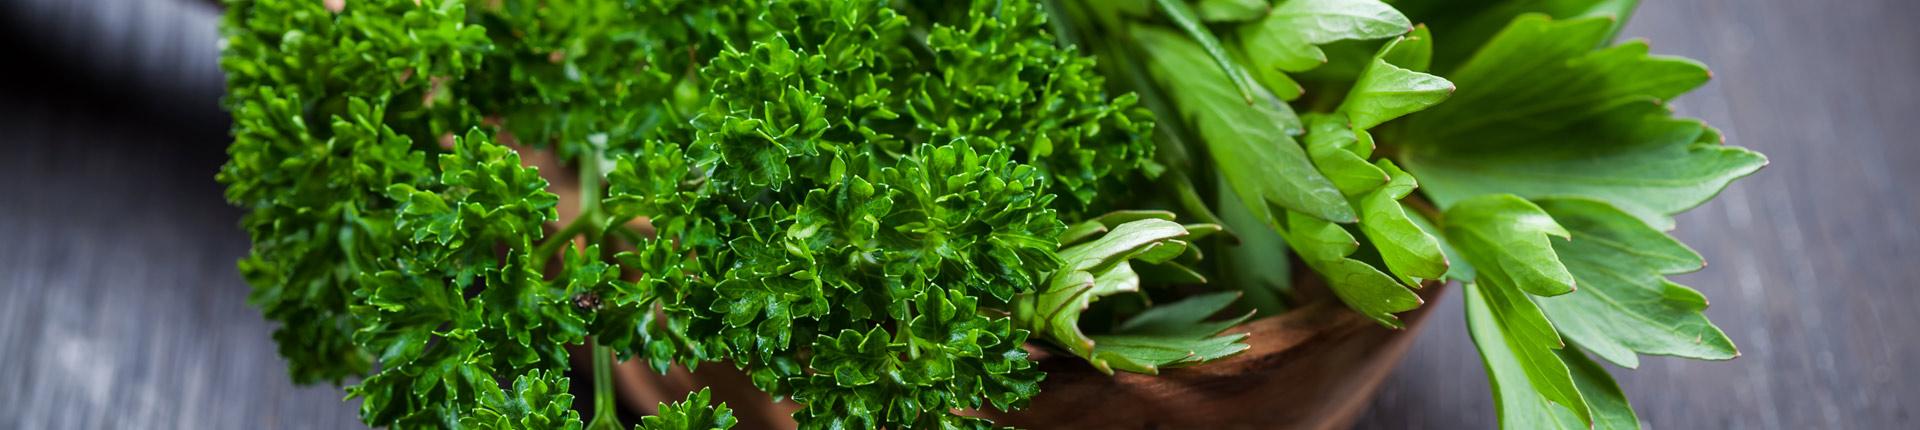 Zielone dodatki w diecie - czy warte uwagi?